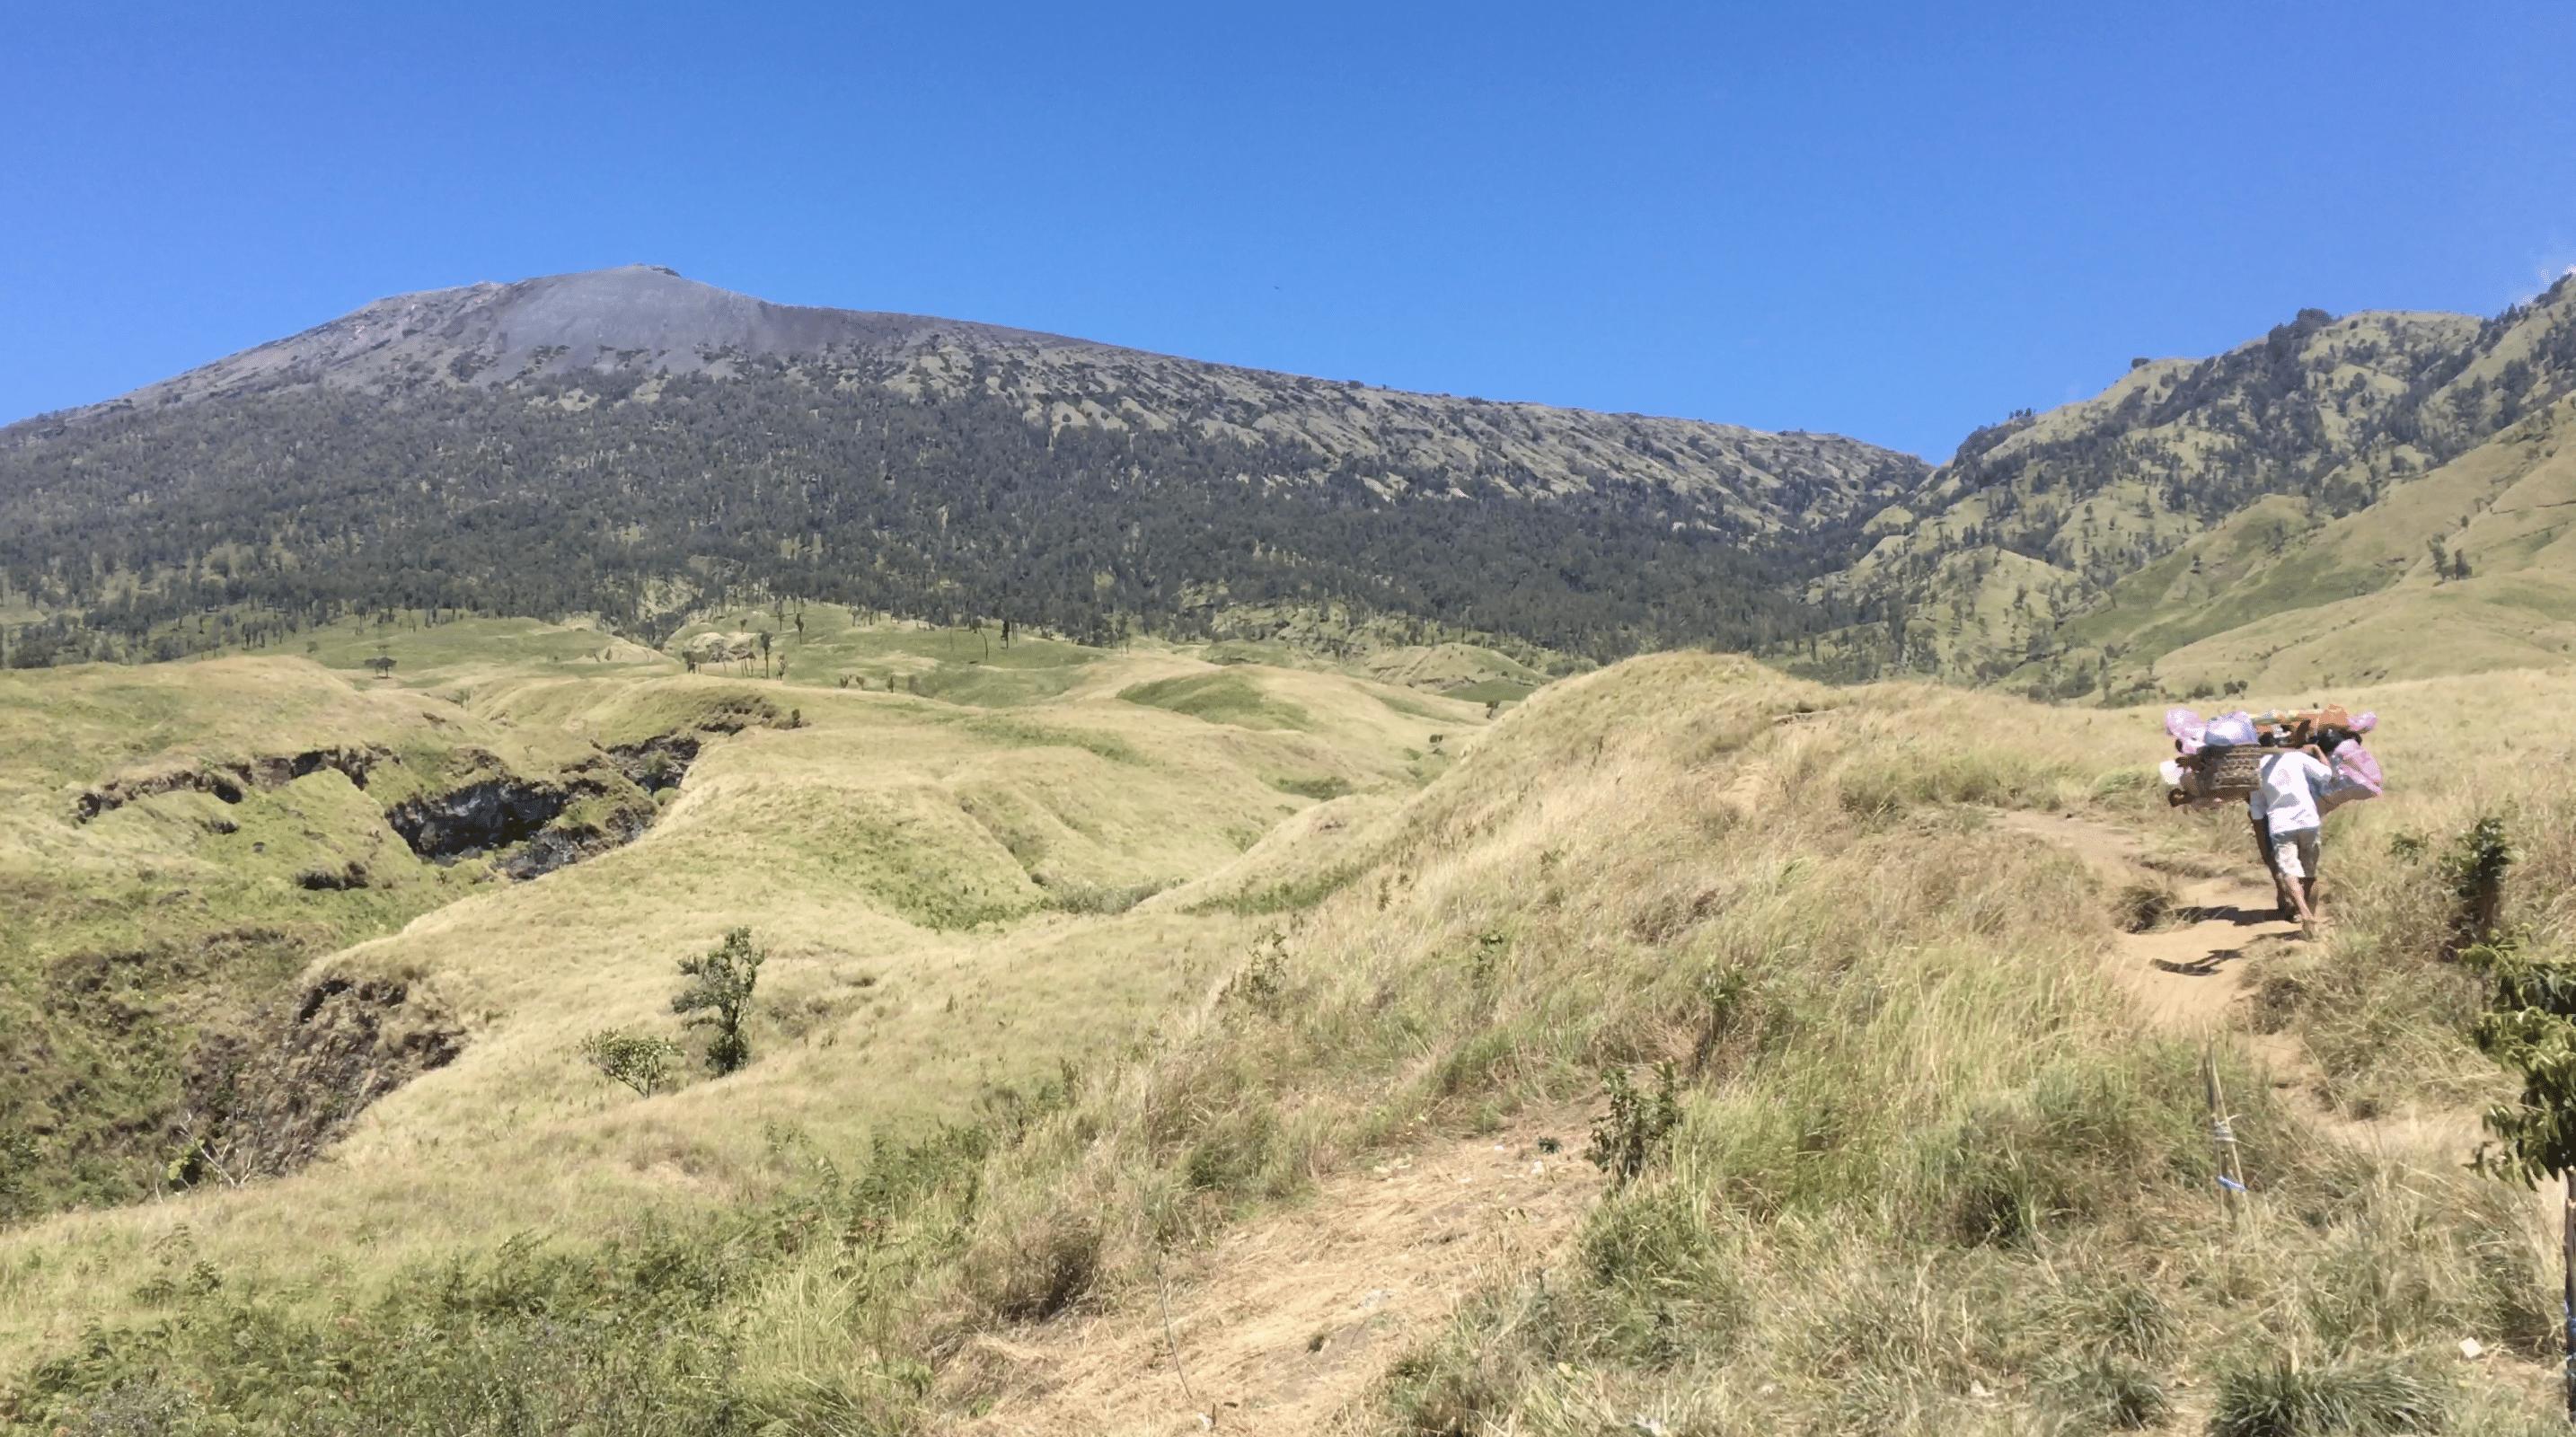 jour 1 du trek sur le mont rinjani